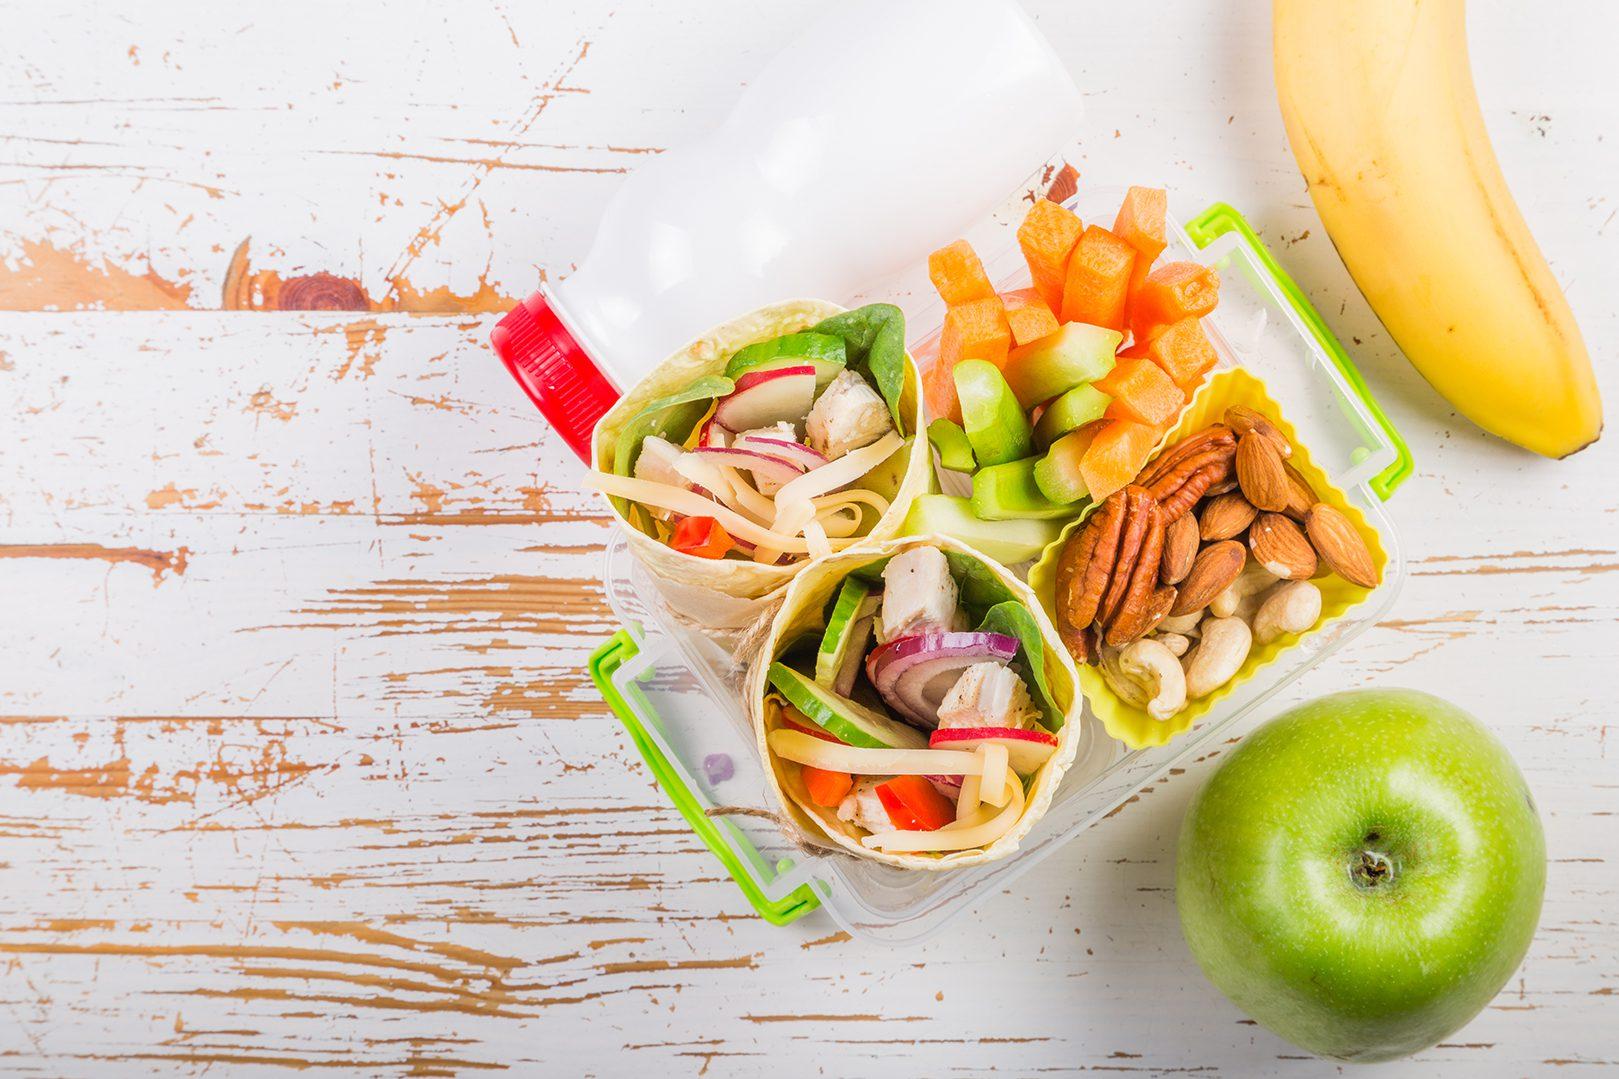 Υγιεινές τροφές που όμως πρέπει να καταναλώνονται με σύνεση